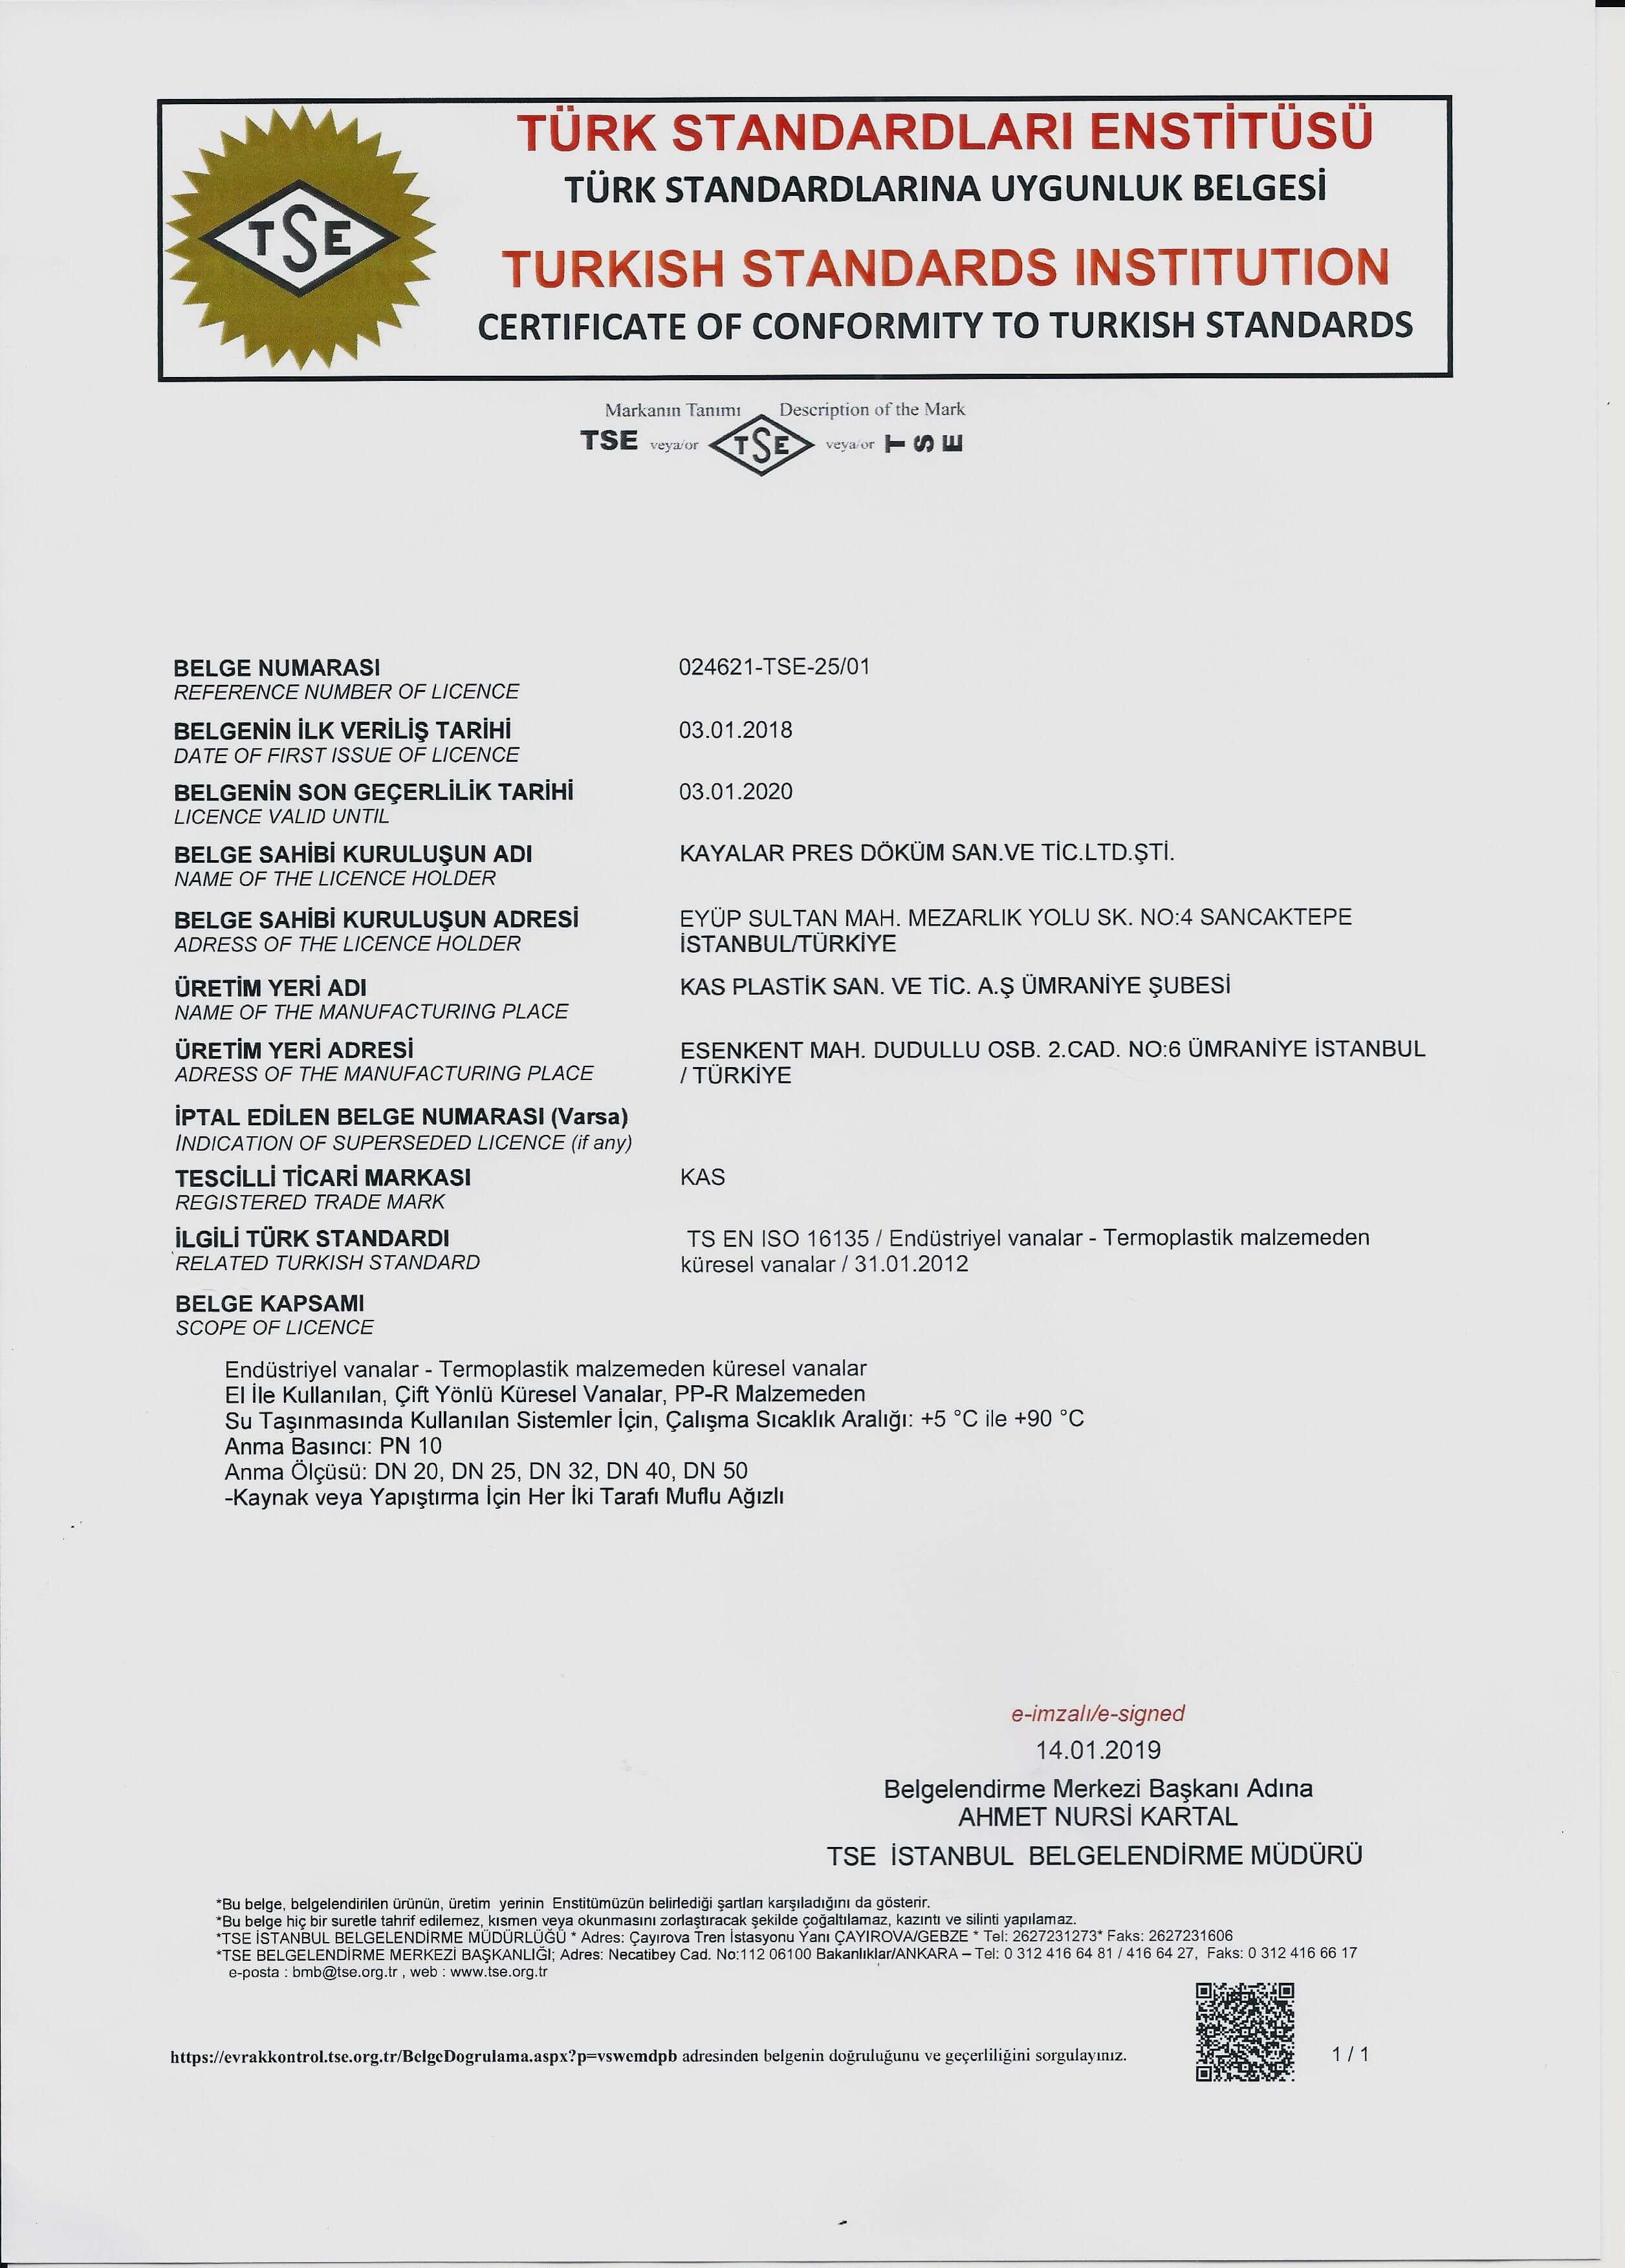 PLASTIC BALL VALVES (TS EN ISO 16135)